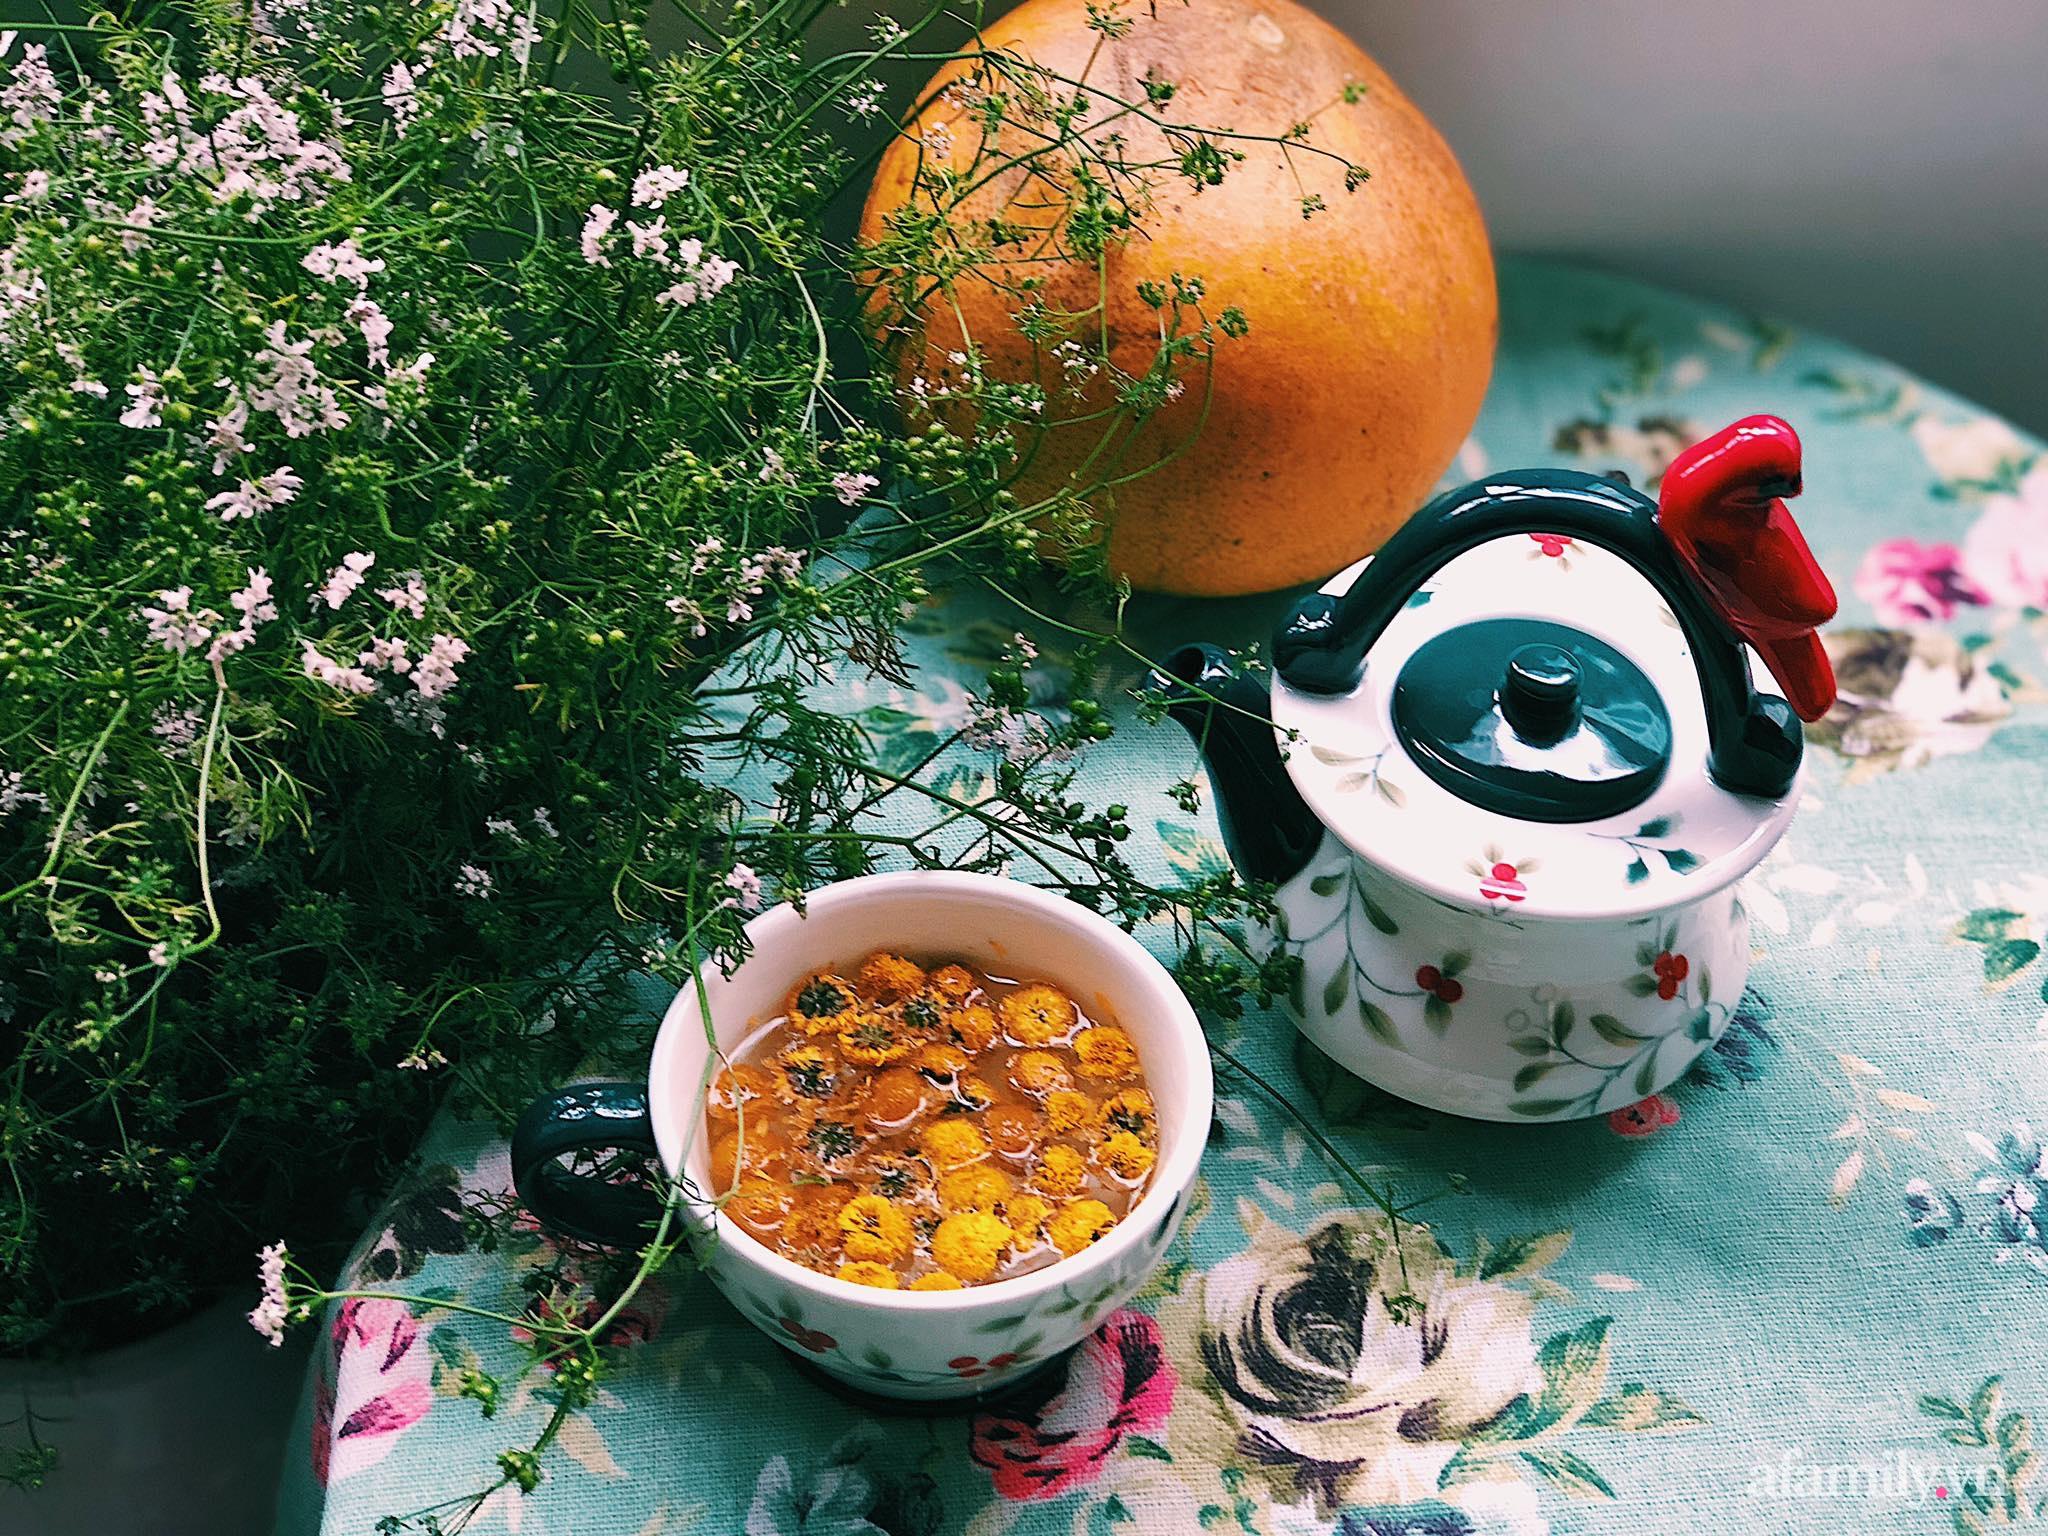 Mẻ đảm Hà Nội khéo mang Tết vào tổ ấm đẹp duyên dáng với gốm và hoa - Ảnh 4.